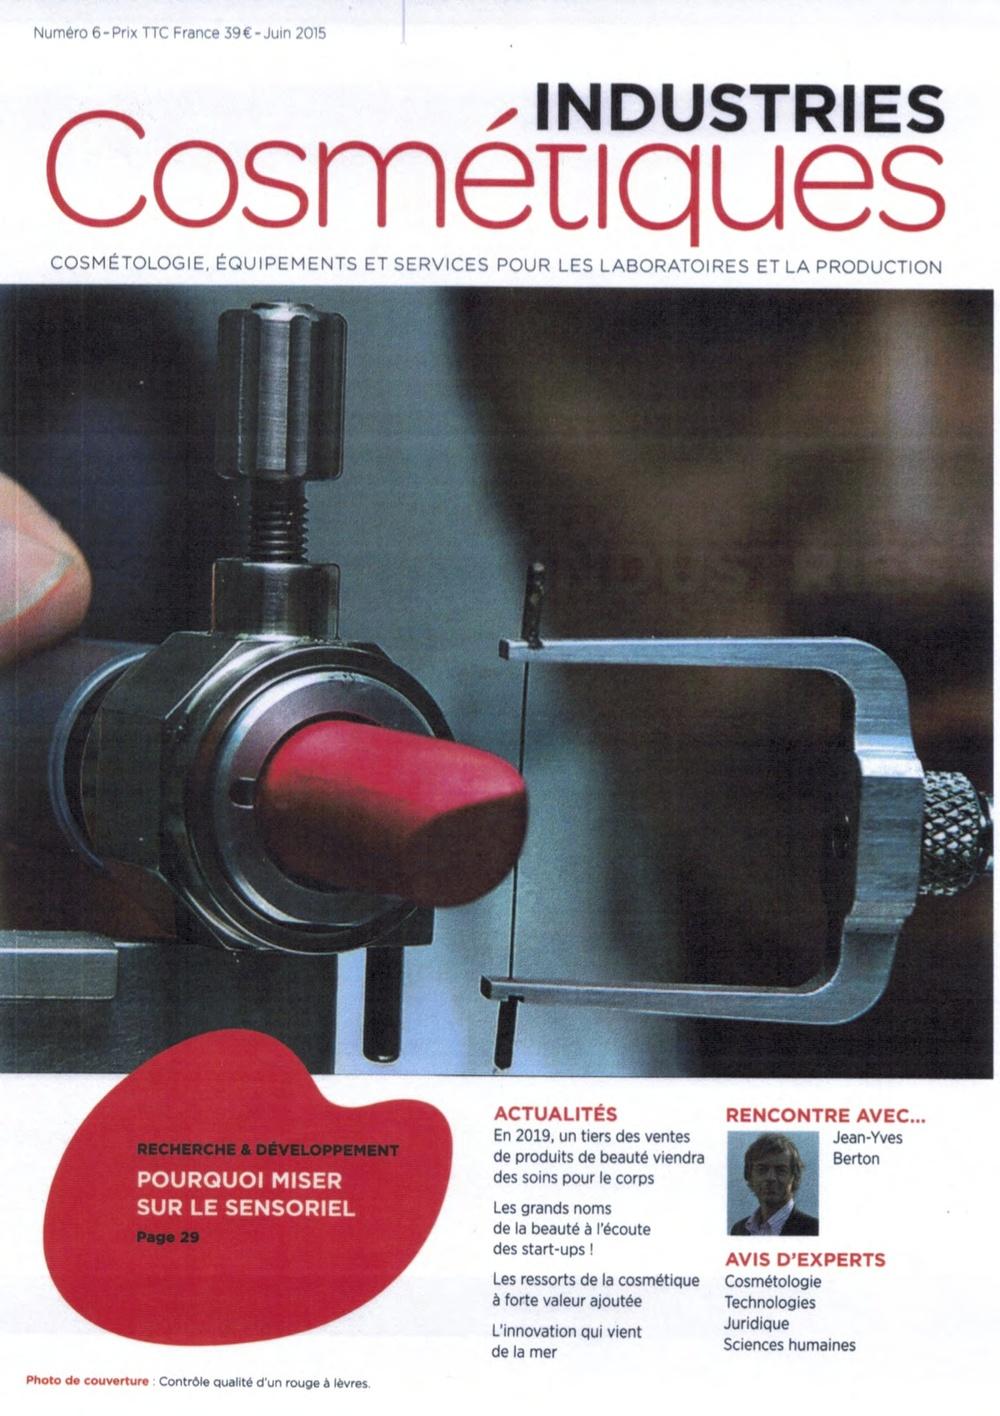 Cosmétique: Le Sensoriel un vecteur d'Innovation